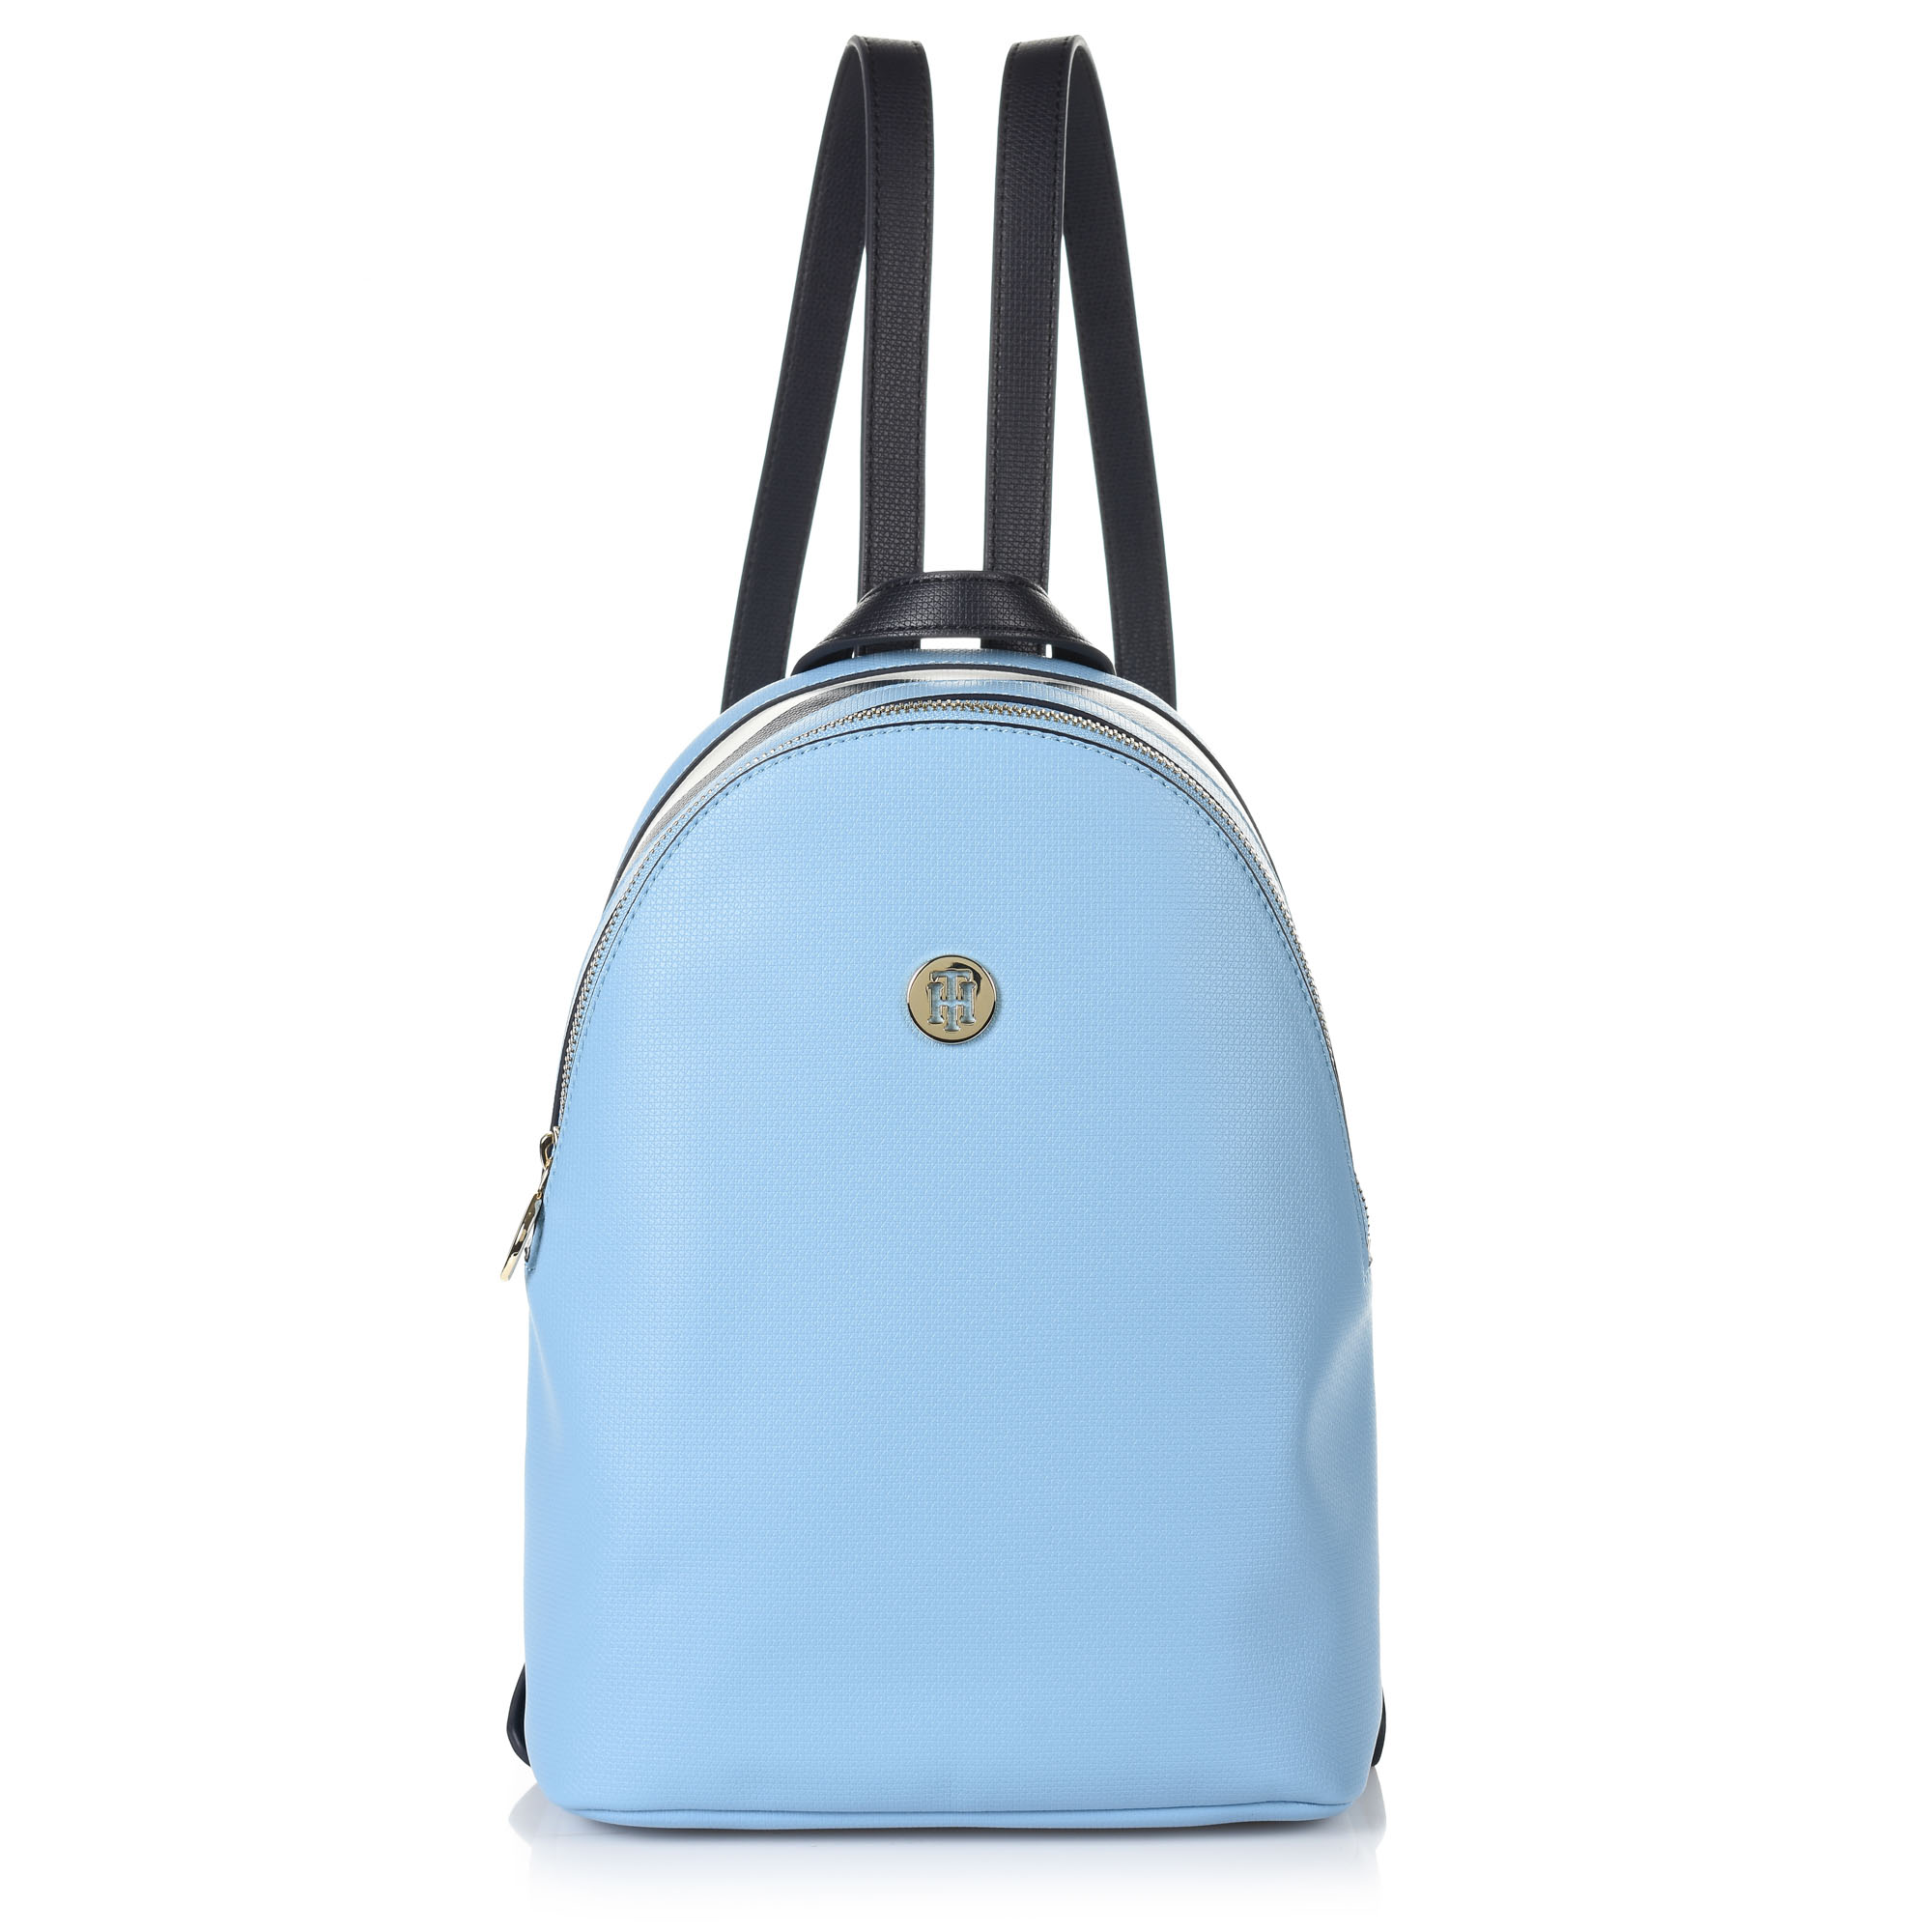 Σακίδιο Πλάτης Tommy Hilfiger Effortless Saffiano Backpack AW0AW06129 γυναικα   γυναικεία τσάντα